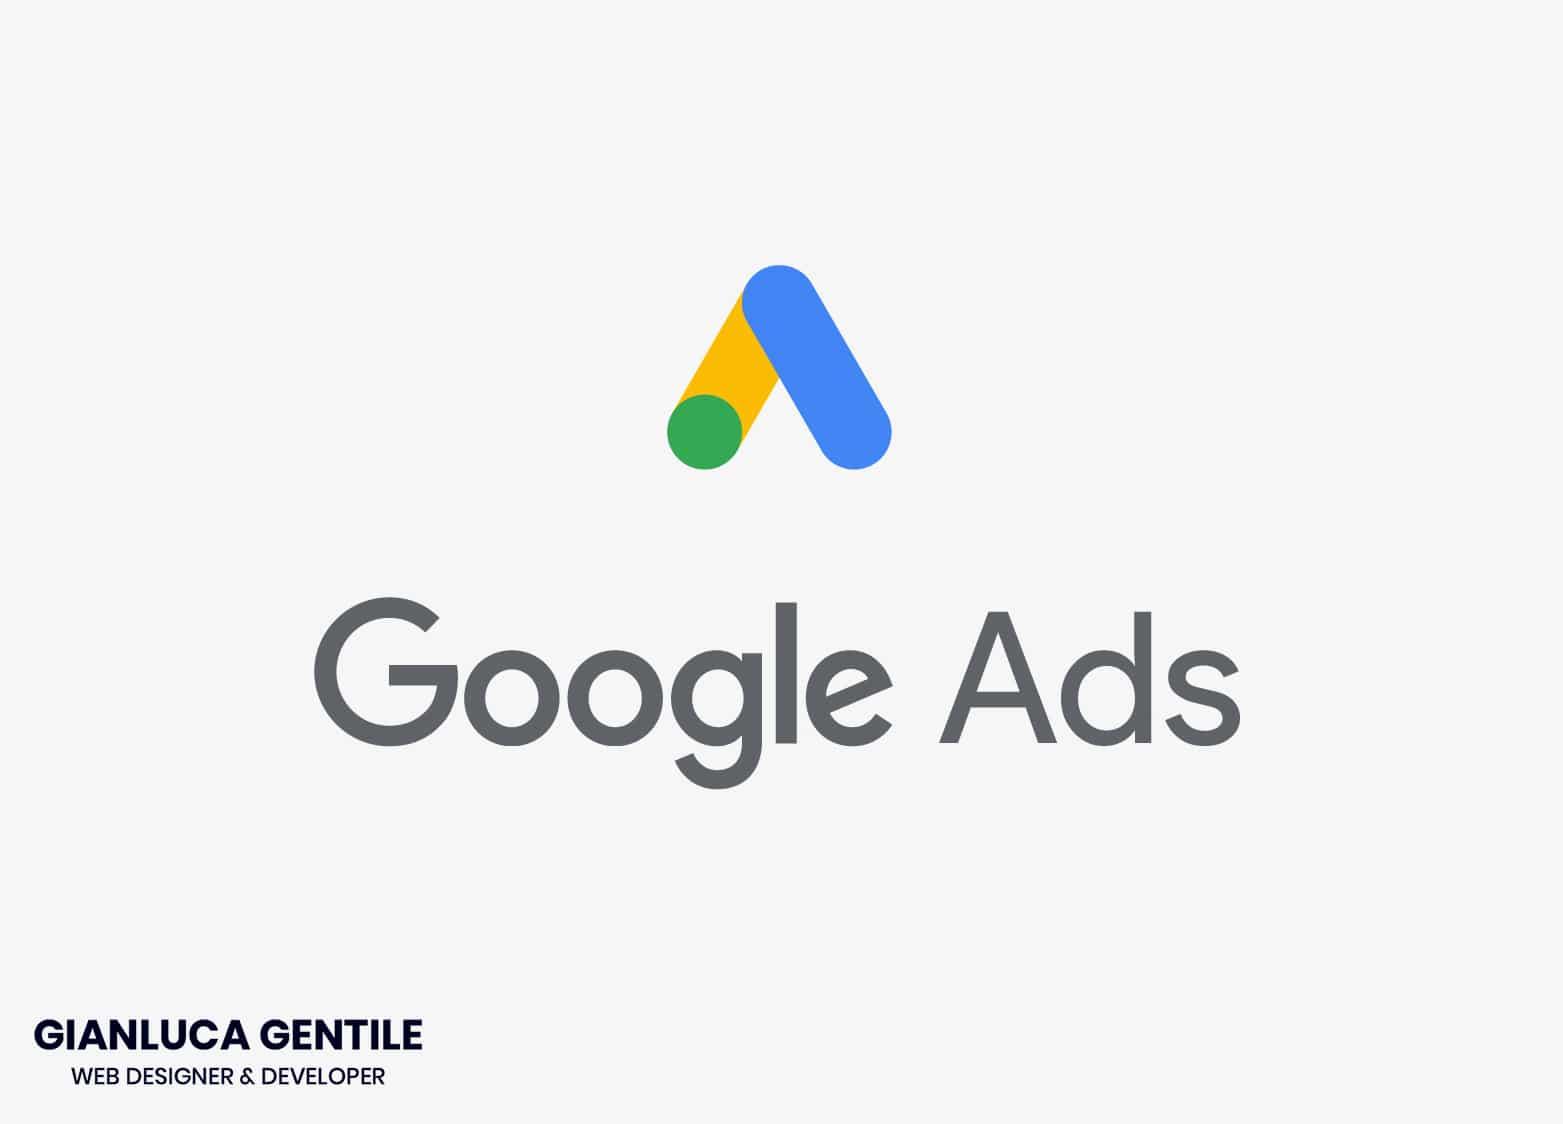 Rapporto Informativo sulle Aste in Google rapporto informativo sulle aste in google - Google Ads Blog - Rapporto informativo sulle aste in Google